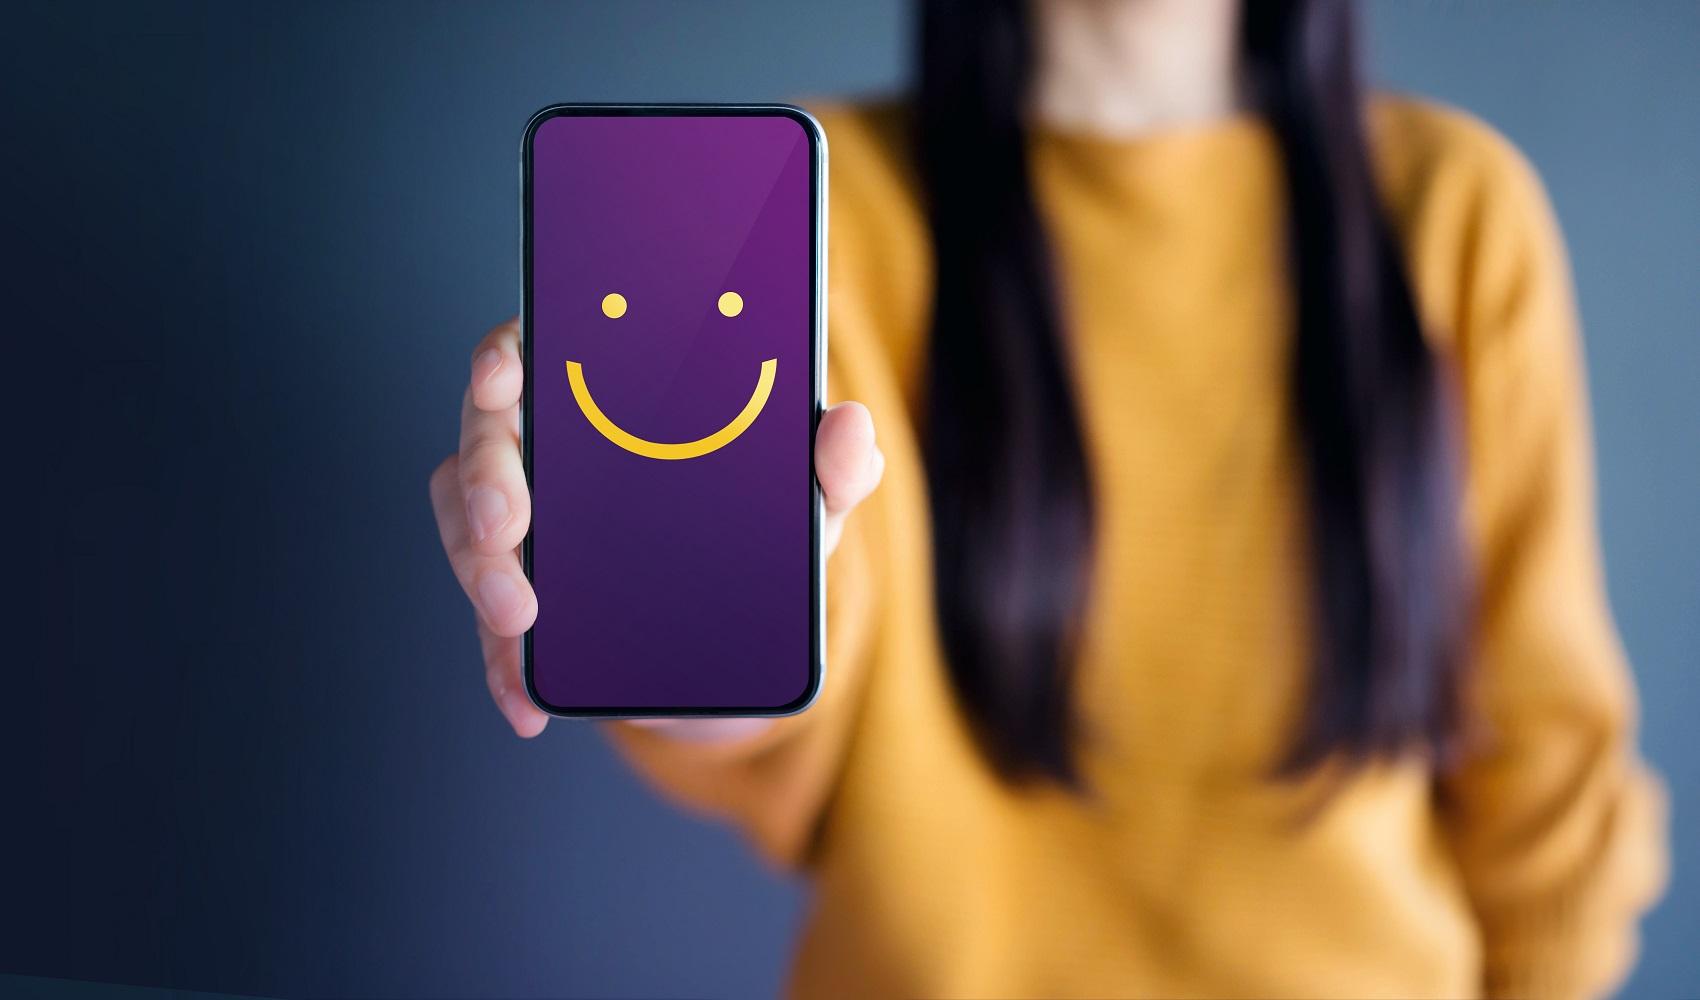 Atendimento personalizado: transforme a experiência do cliente